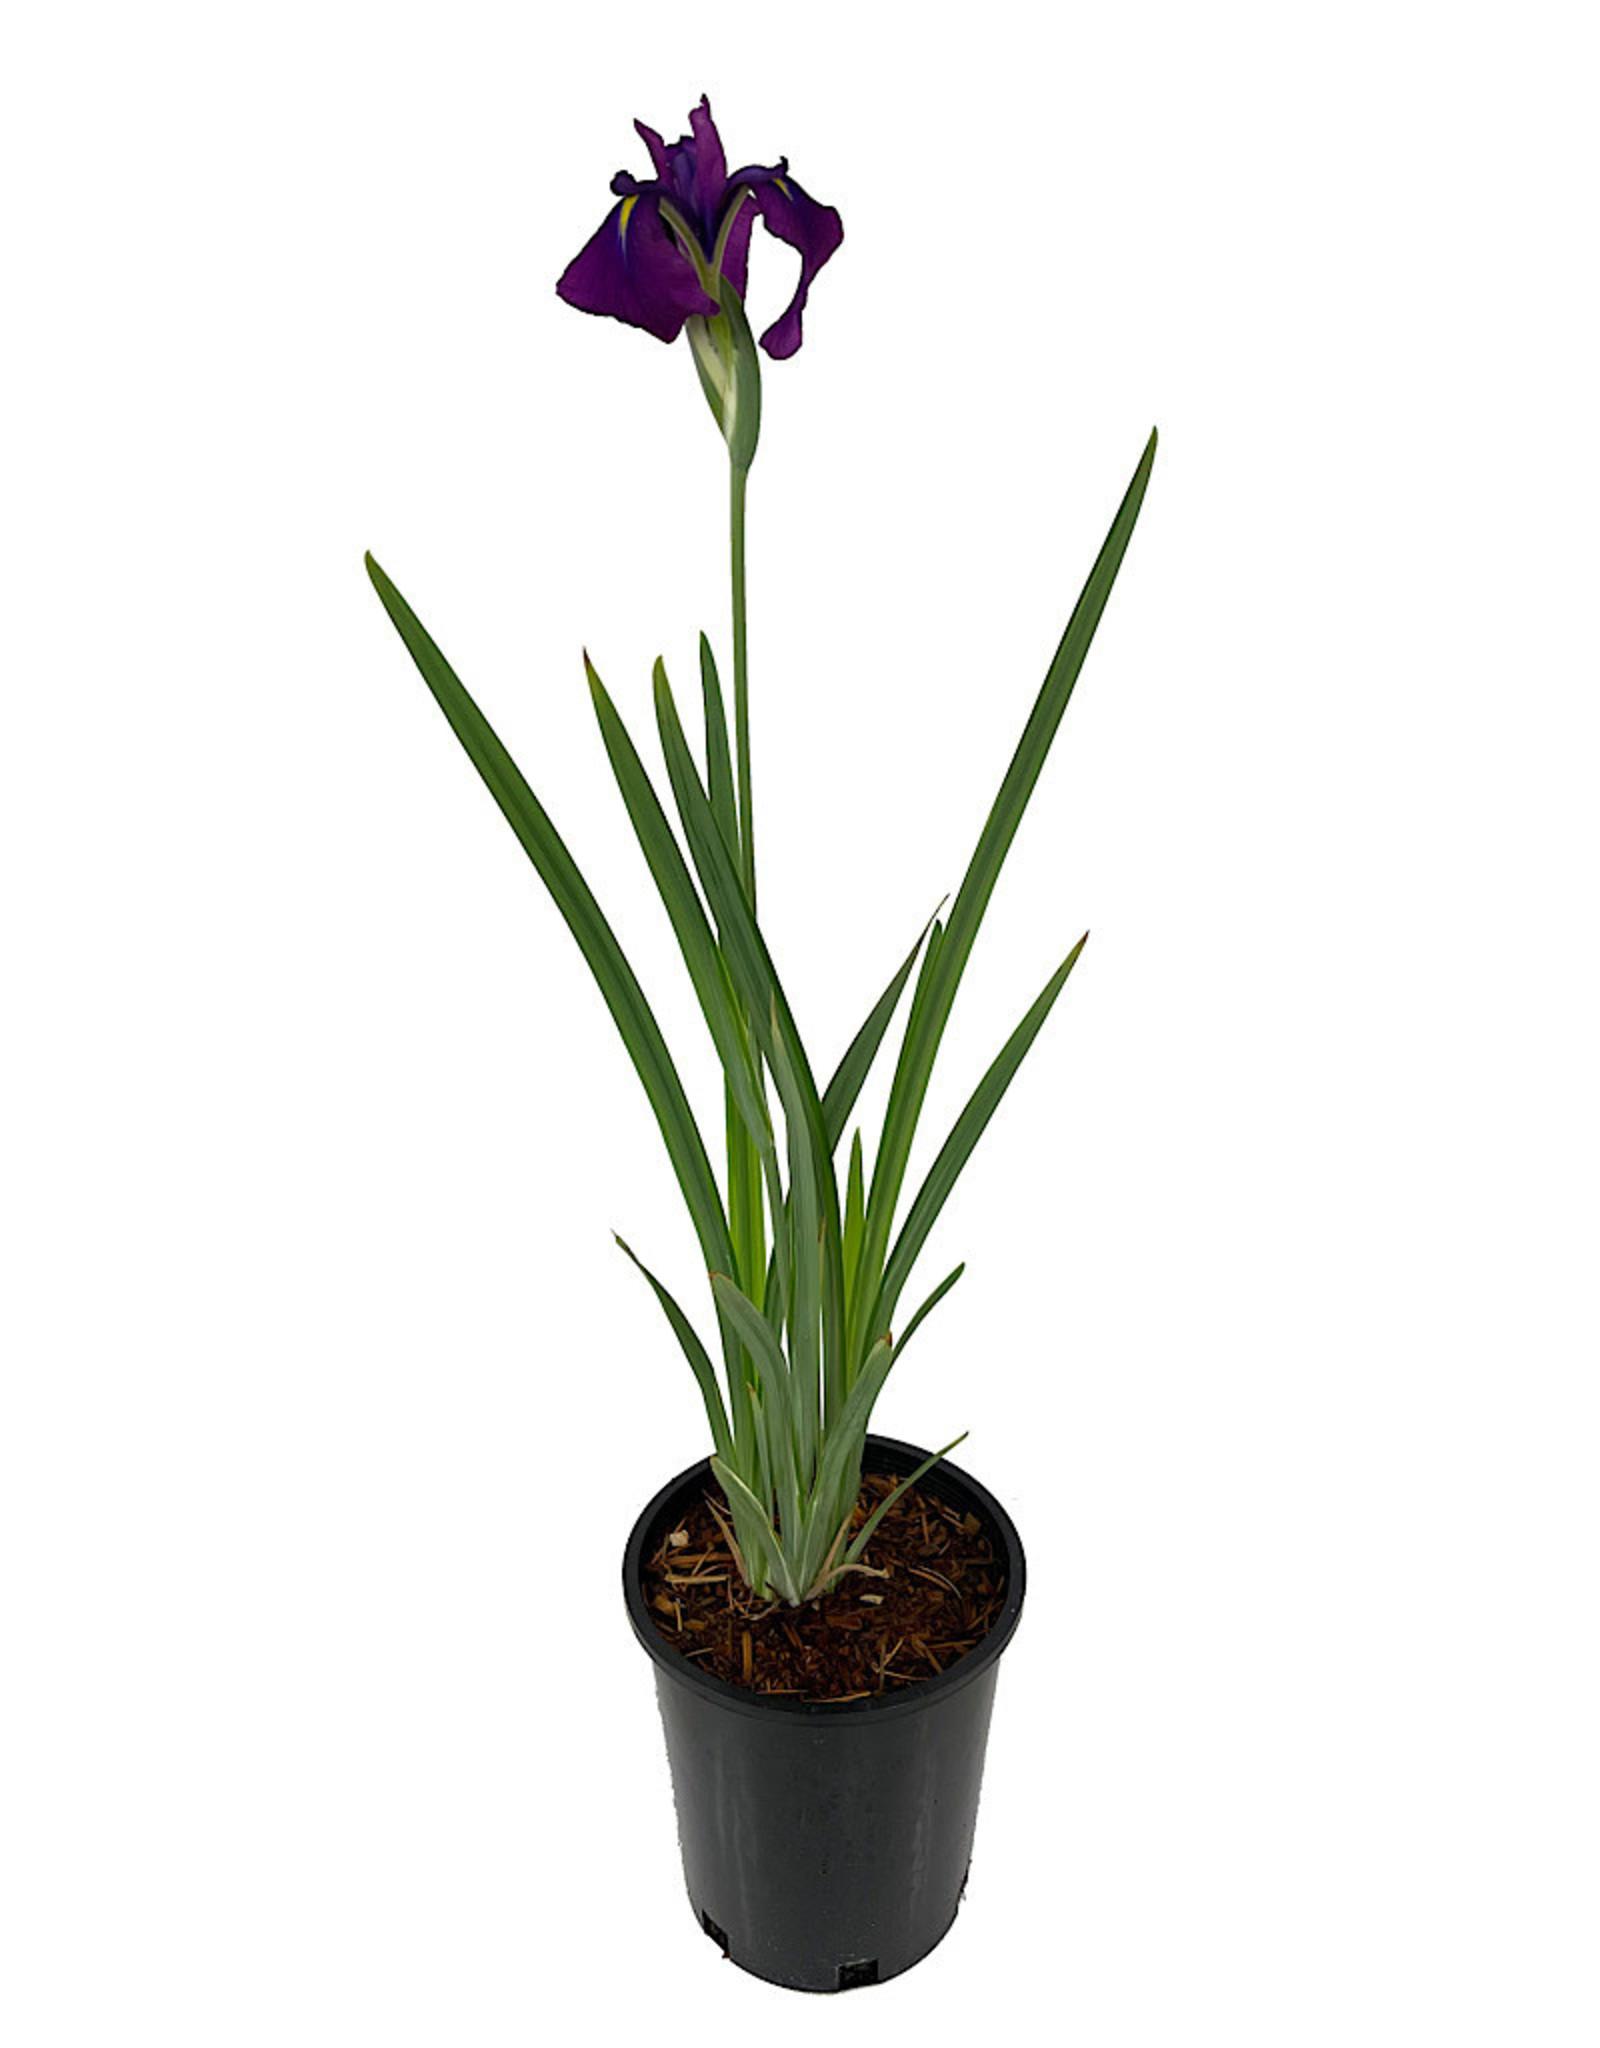 Iris ensata 'Variegata' 1 Gallon